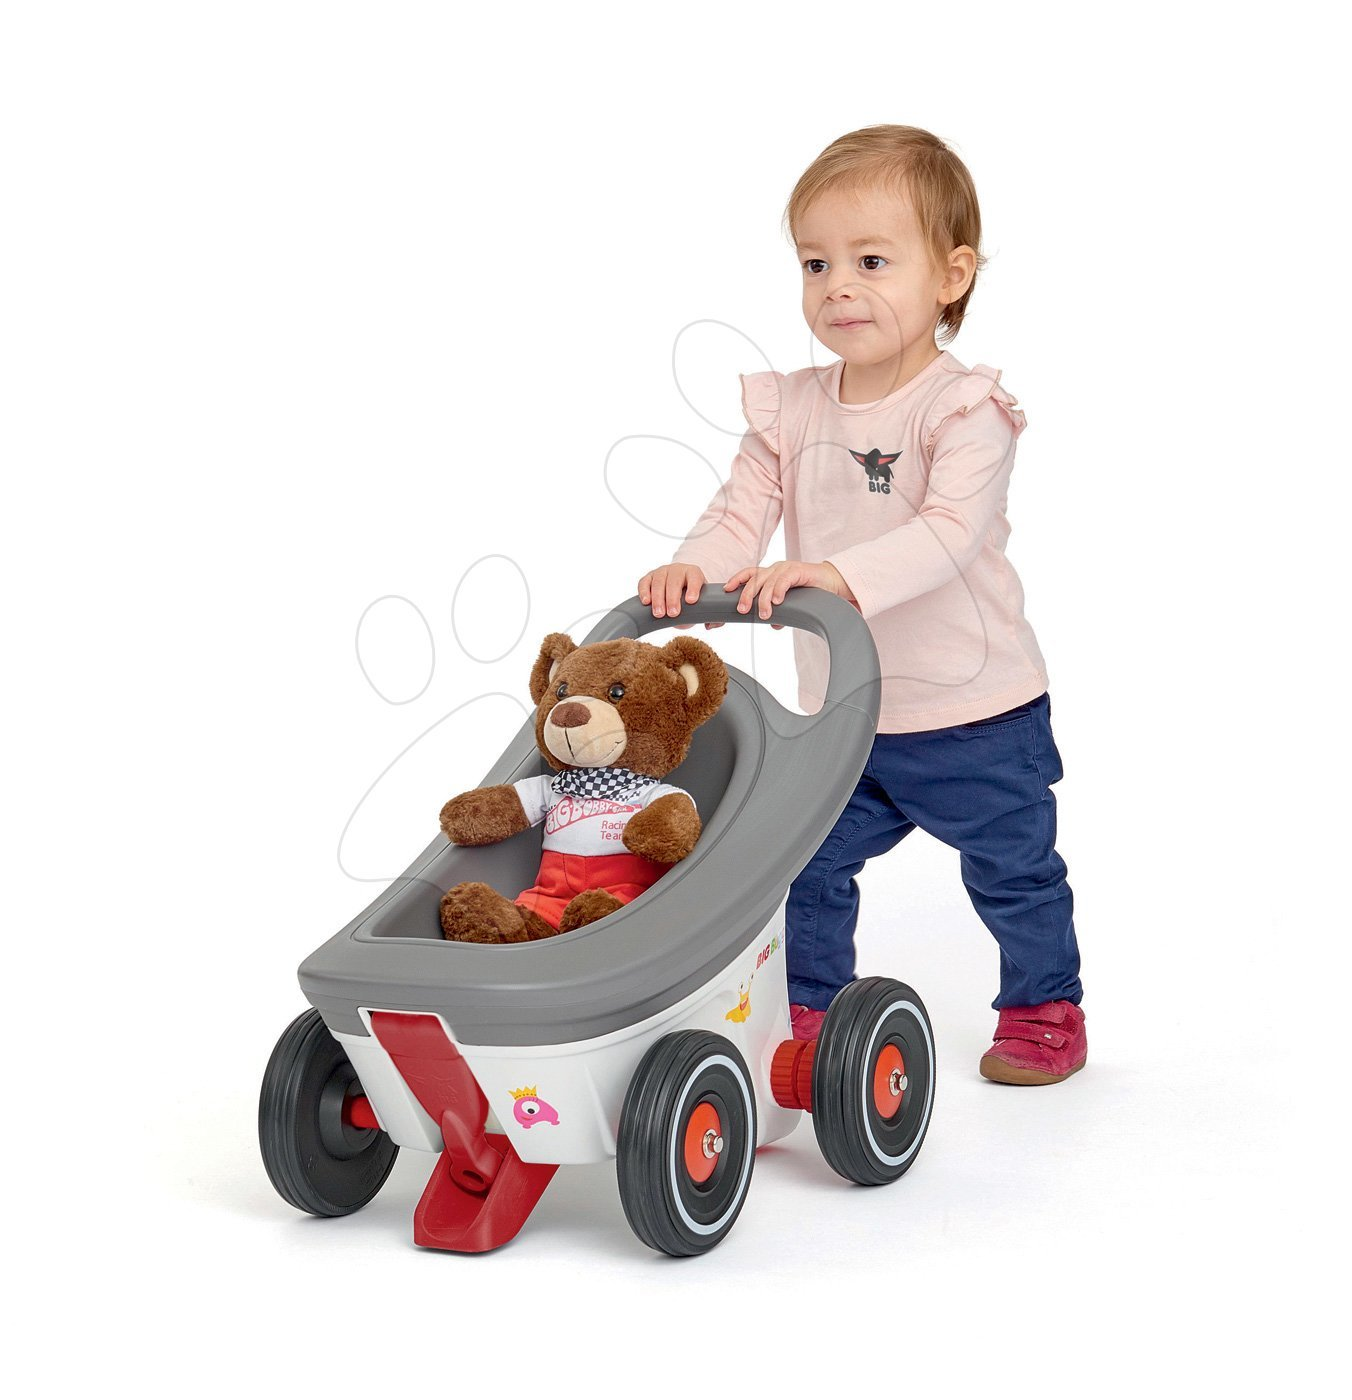 Chodítko a kočárek a přívěs Buggy 3v1 BIG s brzdou ke všem odrážedlům New&Classic&Neo&Next&Scooter od 12 měsíců